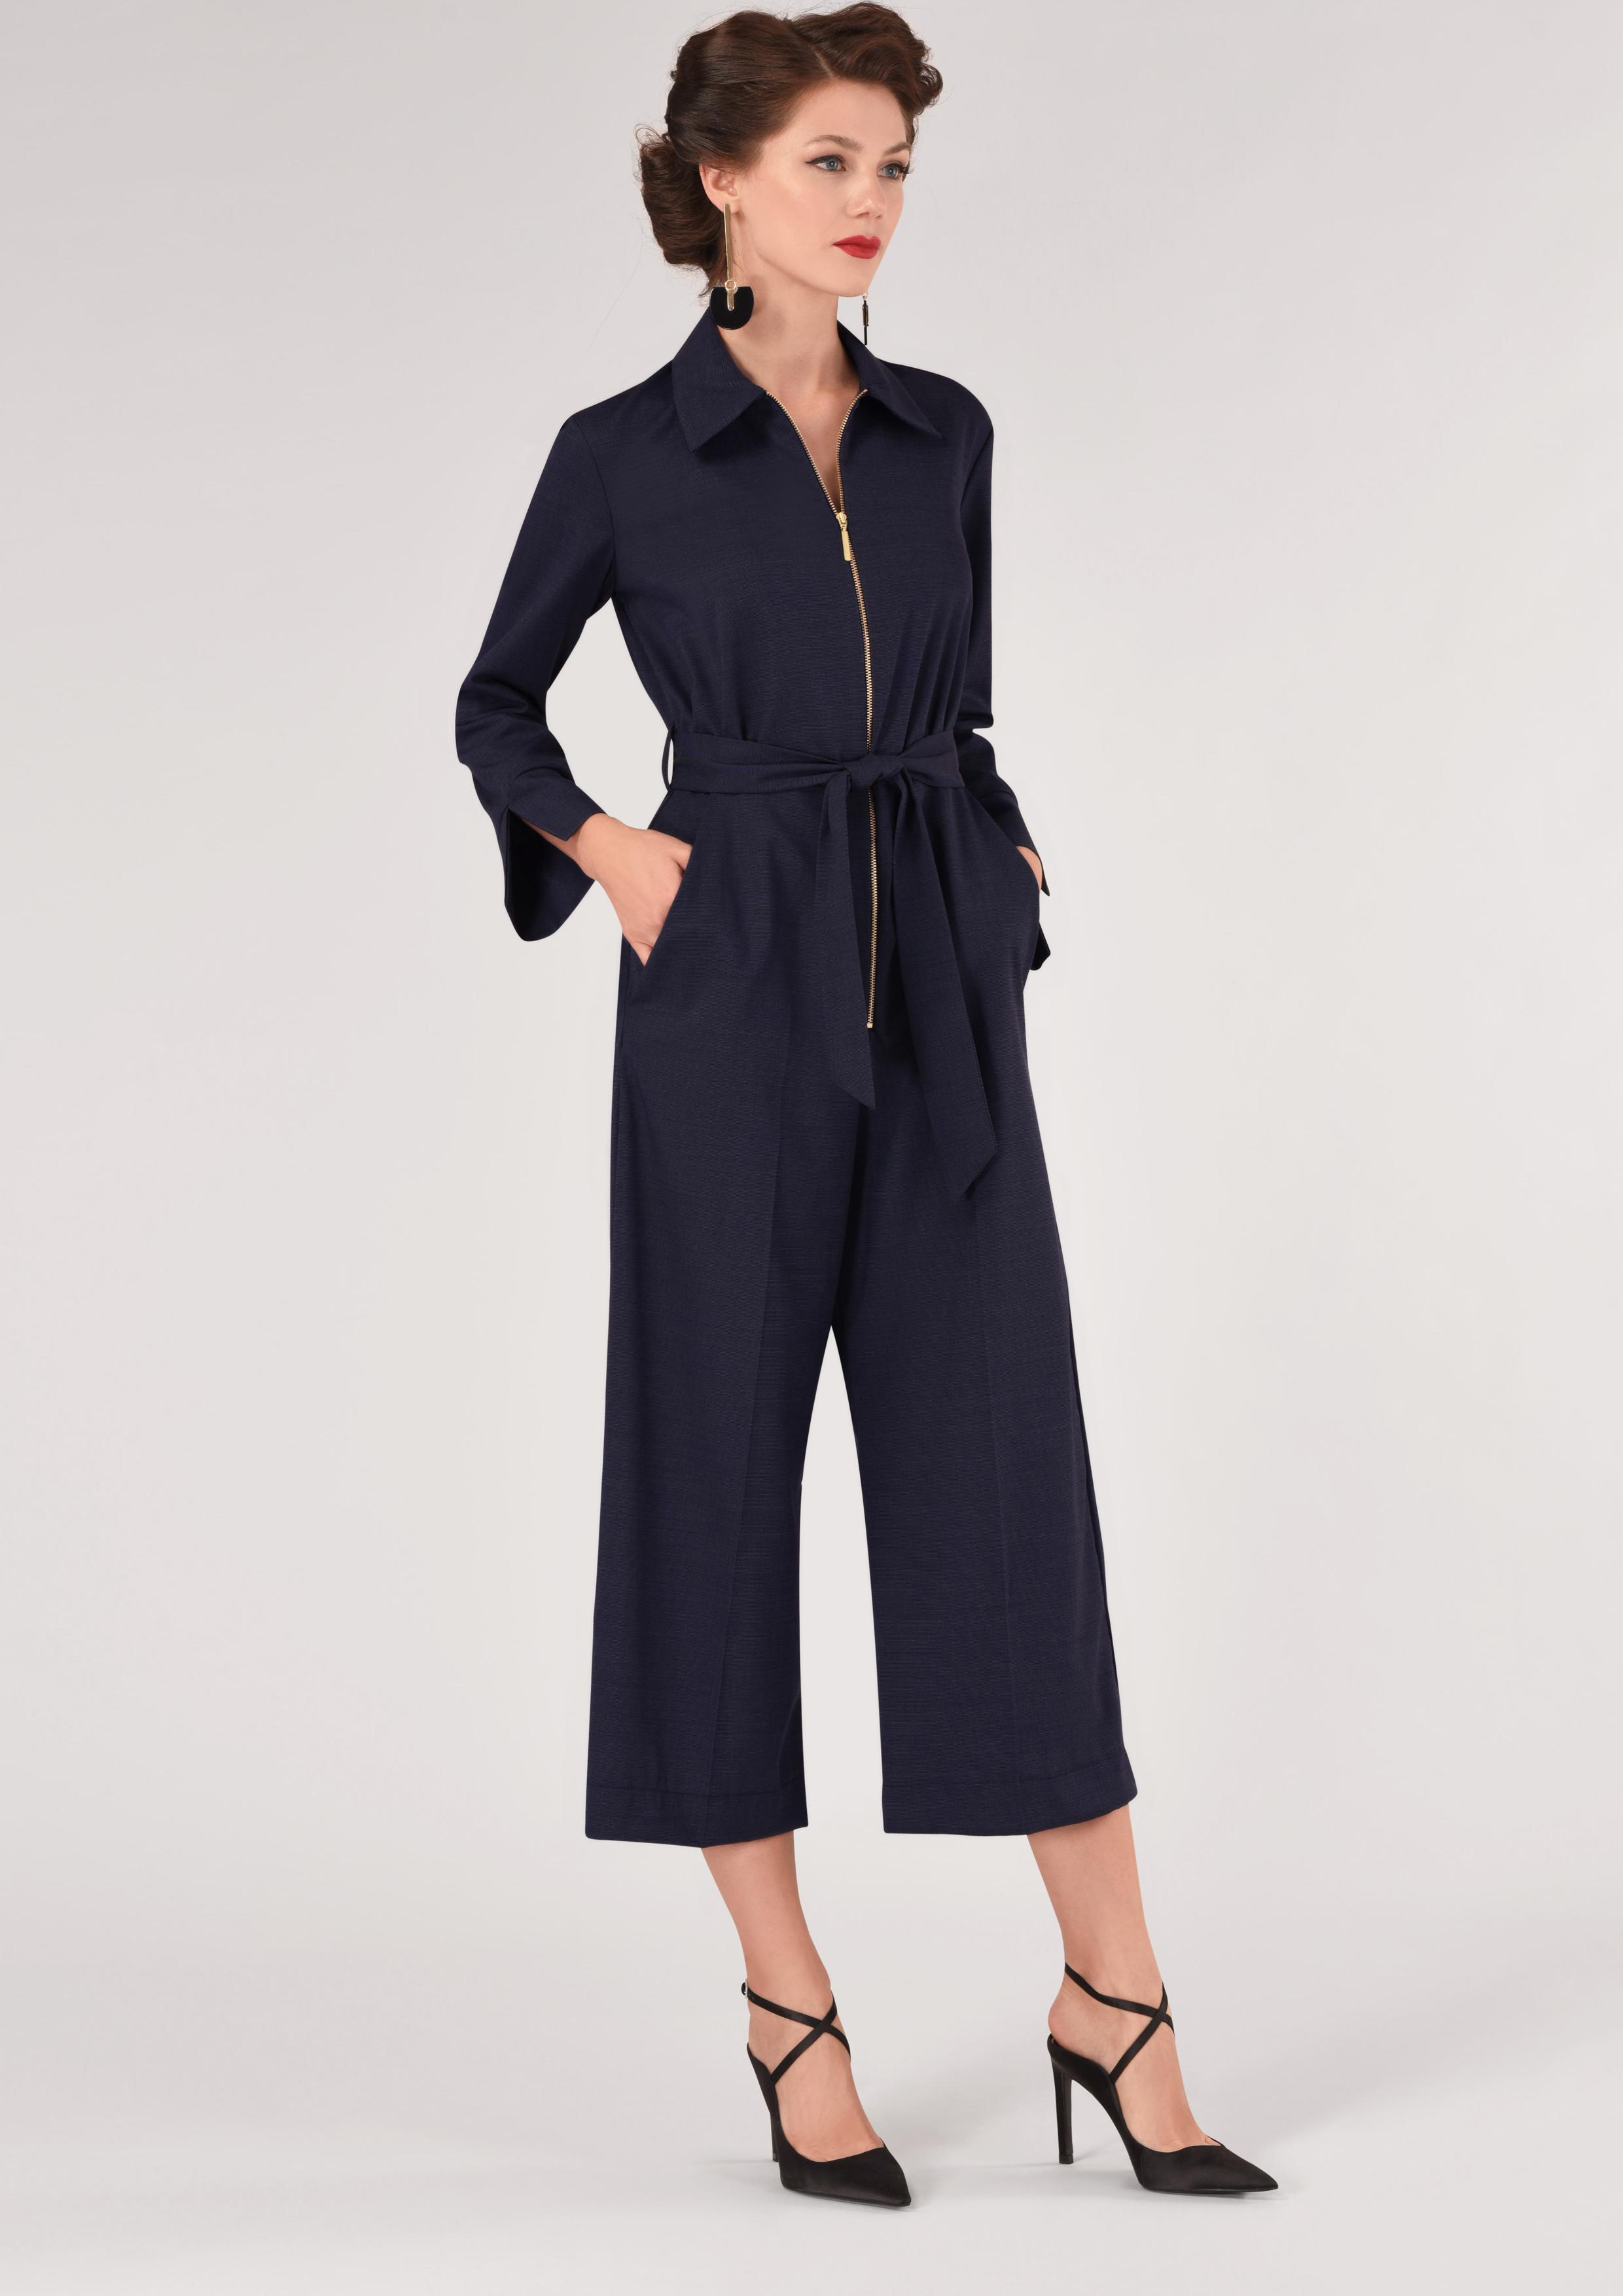 092f120a21a Navy Wide Leg Shirt Jumpsuit – Divine Boutique